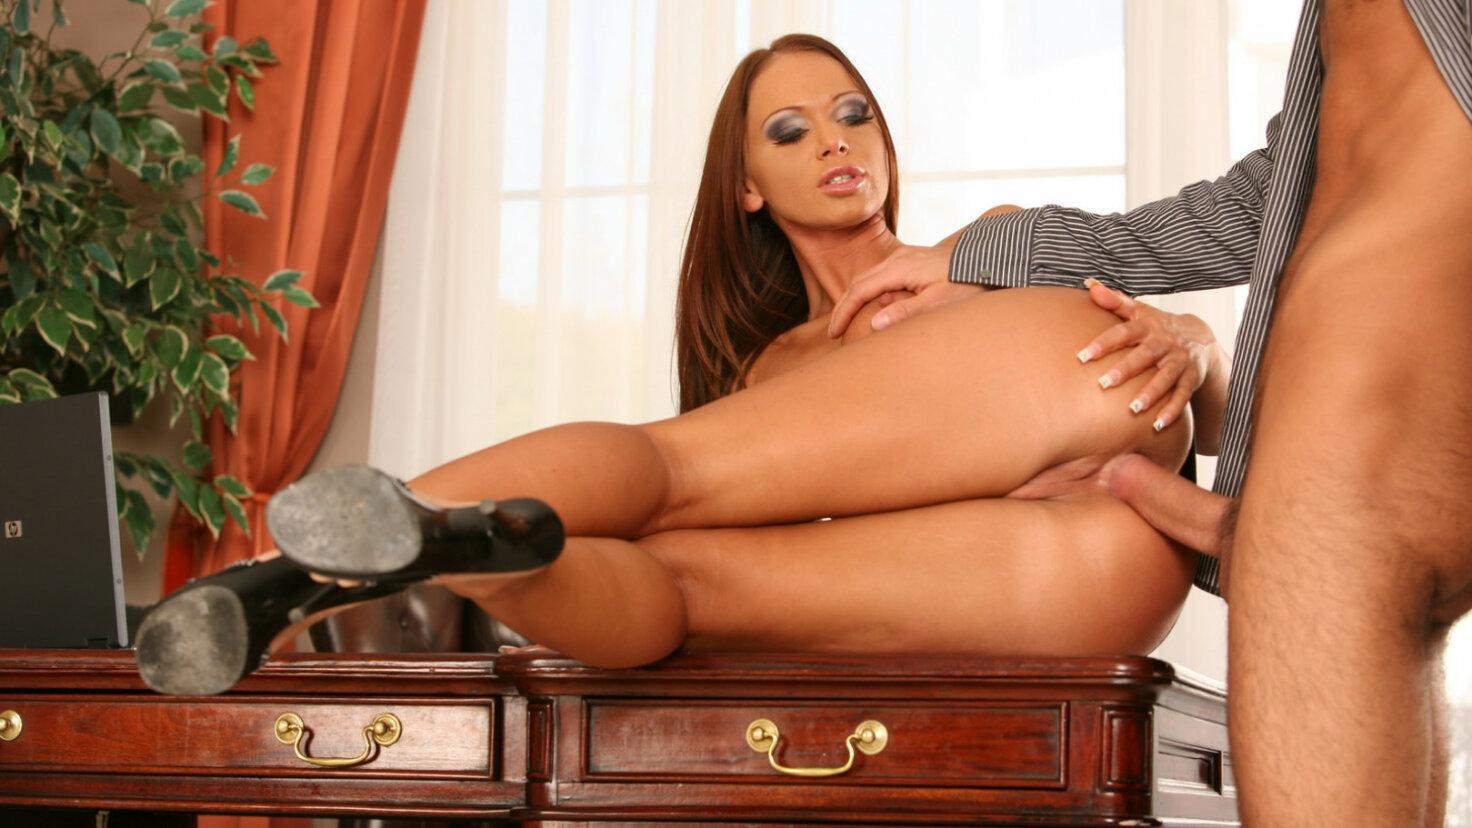 Secrétaire sexy dans une scène anale hardcore